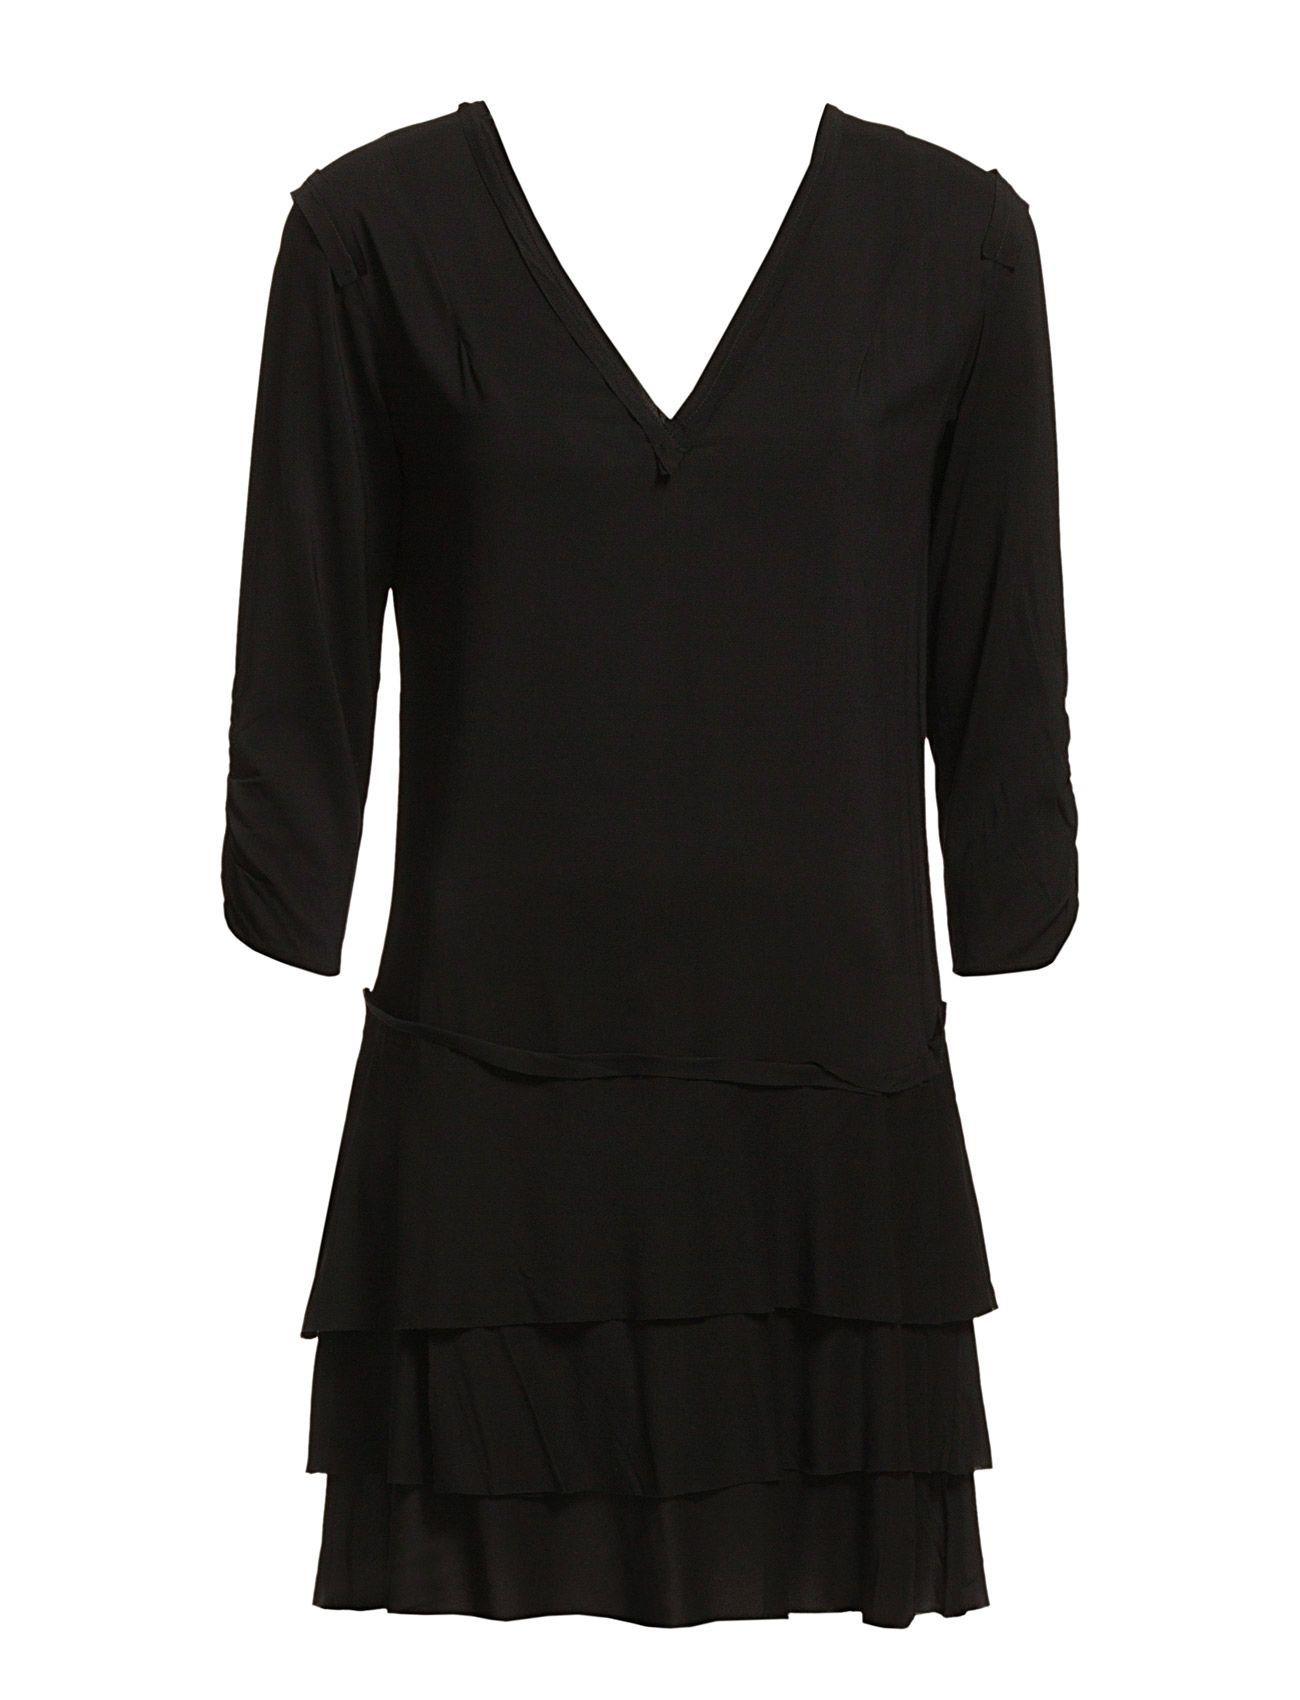 Light Trimmed Dress